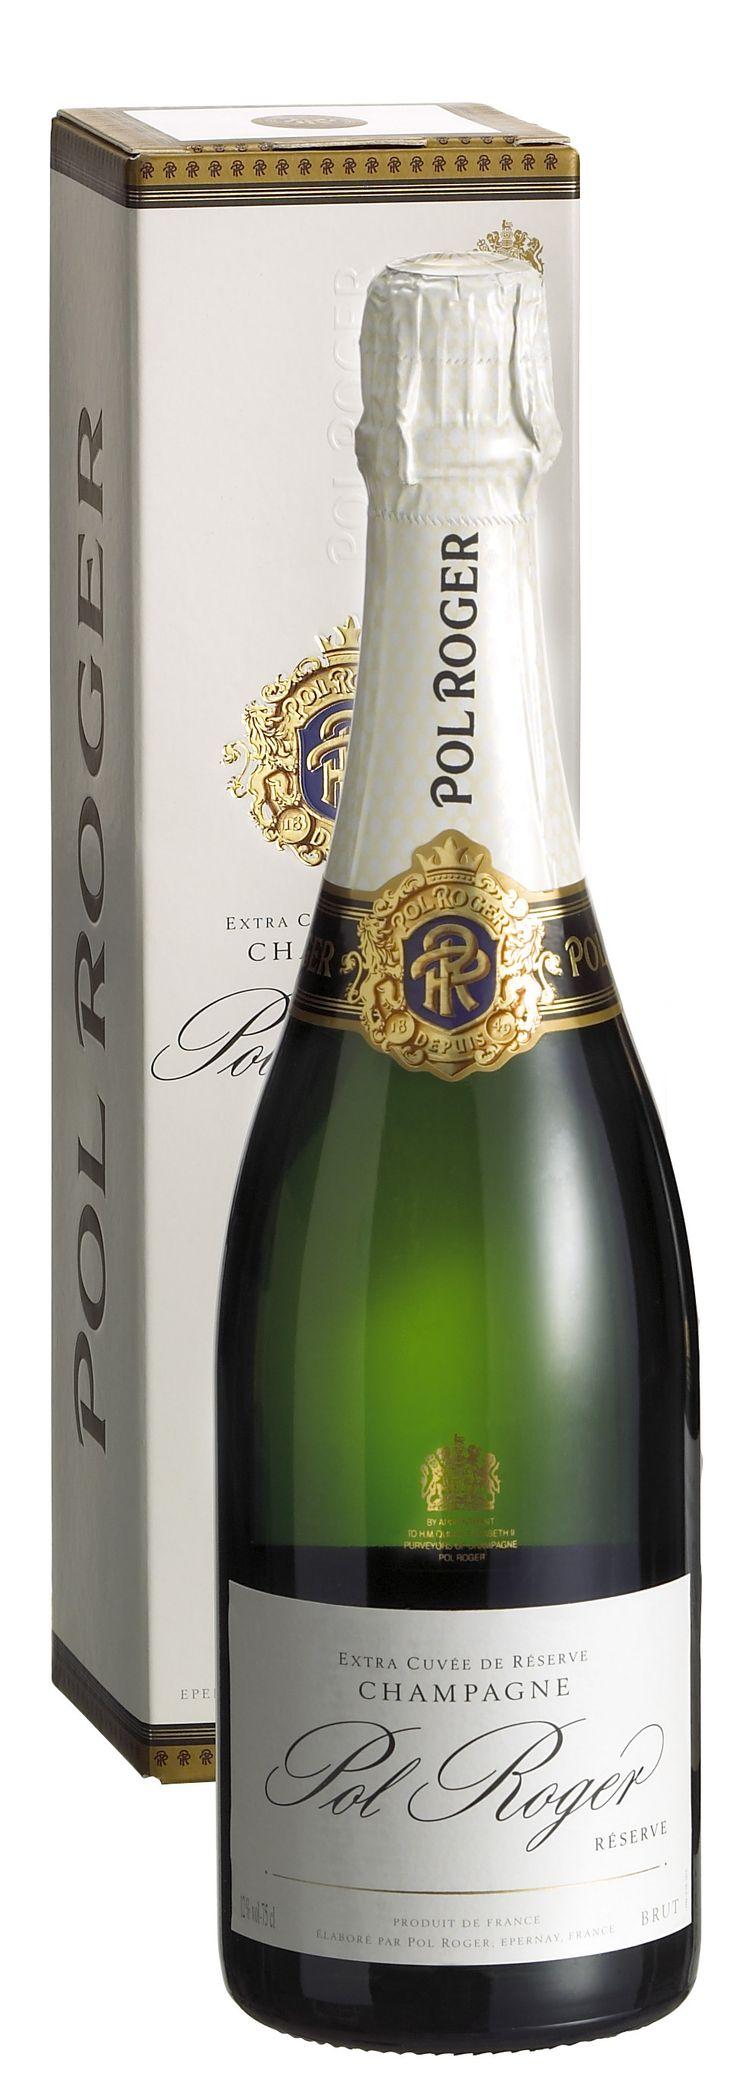 De Pol Roger Brut Reserve is een elegante champagne waarin de Pinot Noir, Pinot Meunier en Chardonnay druiven uitstekend met elkaar in balans zijn. De subtiele smaak onderscheidt zich door een zweem van witte bloesem en de afdronk is lang en indrukwekkend. Bekroning: 91 punten Wine Enthusiast http://www.flesjewijn.com/wijnen/pol+roger+brut+reserve+champagne+7575